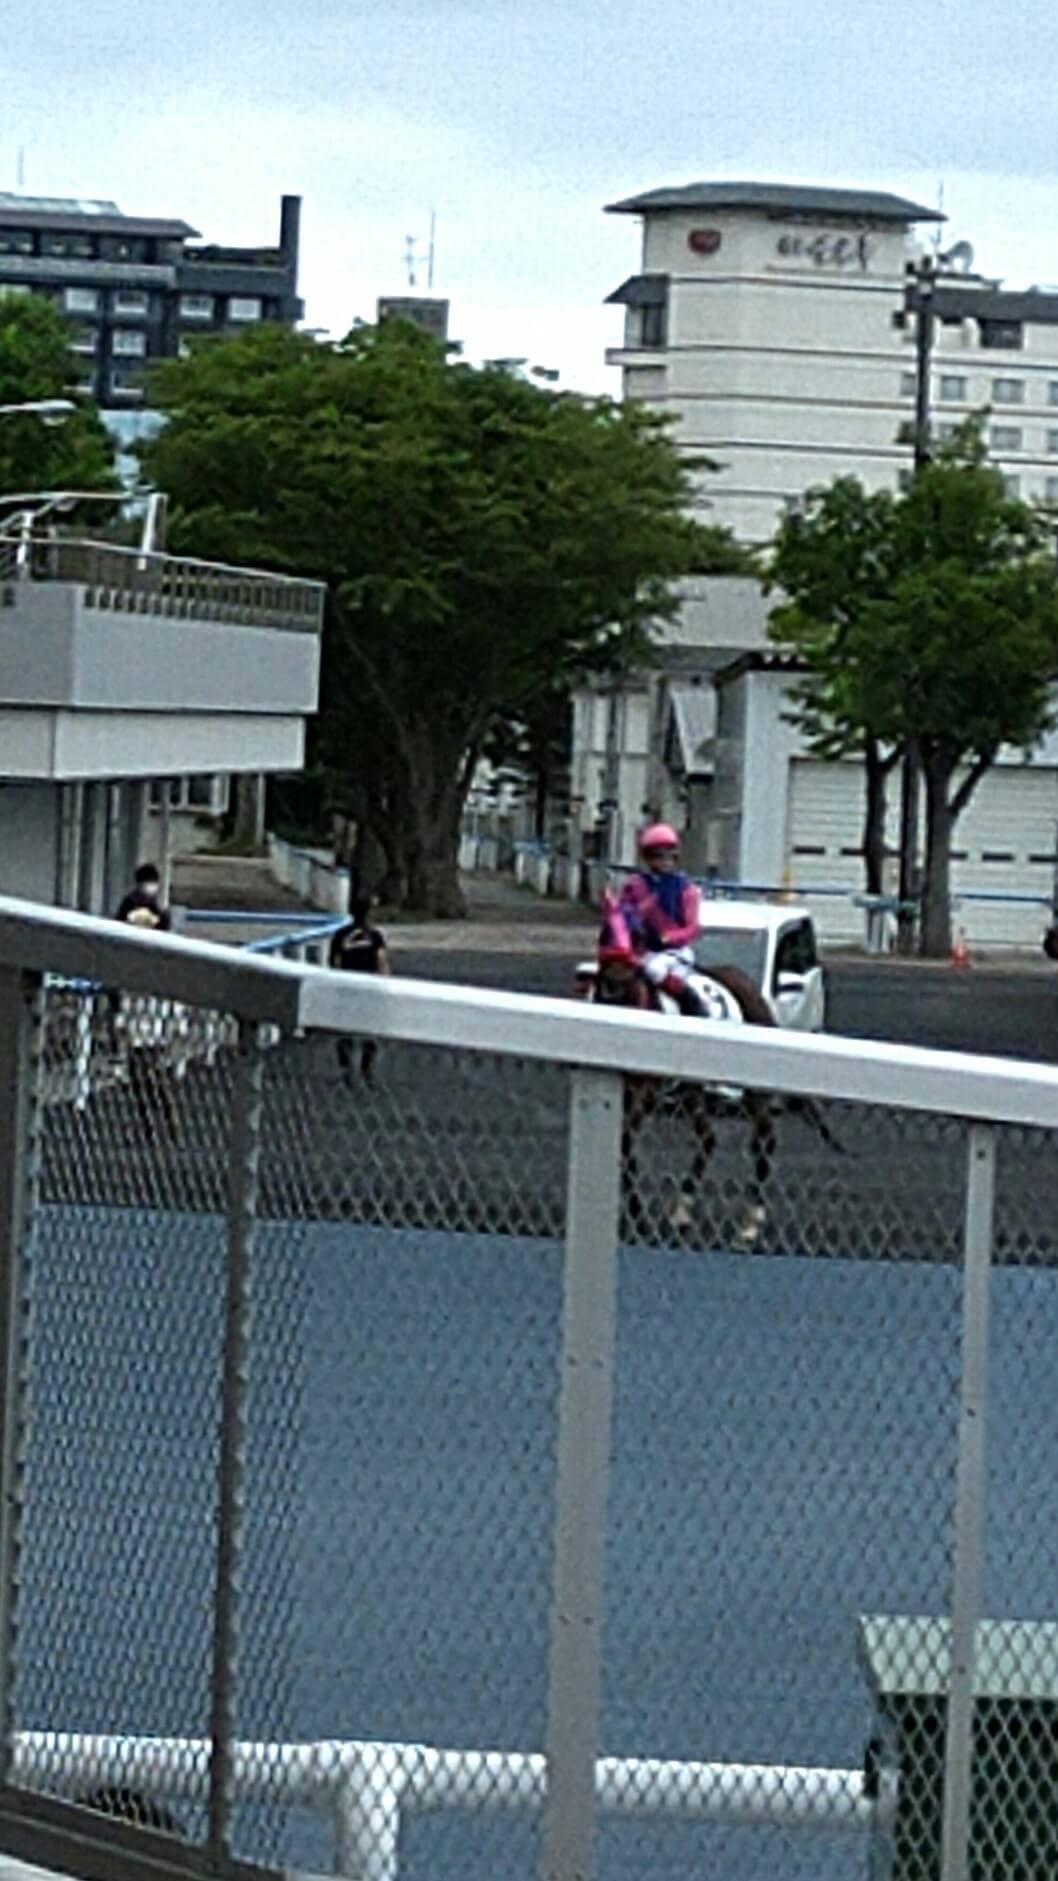 メイショウオニユリ(ドリームジャーニー孫世代 母ヒガシドリーム)が未勝利からの連勝で2勝目 © maki さん